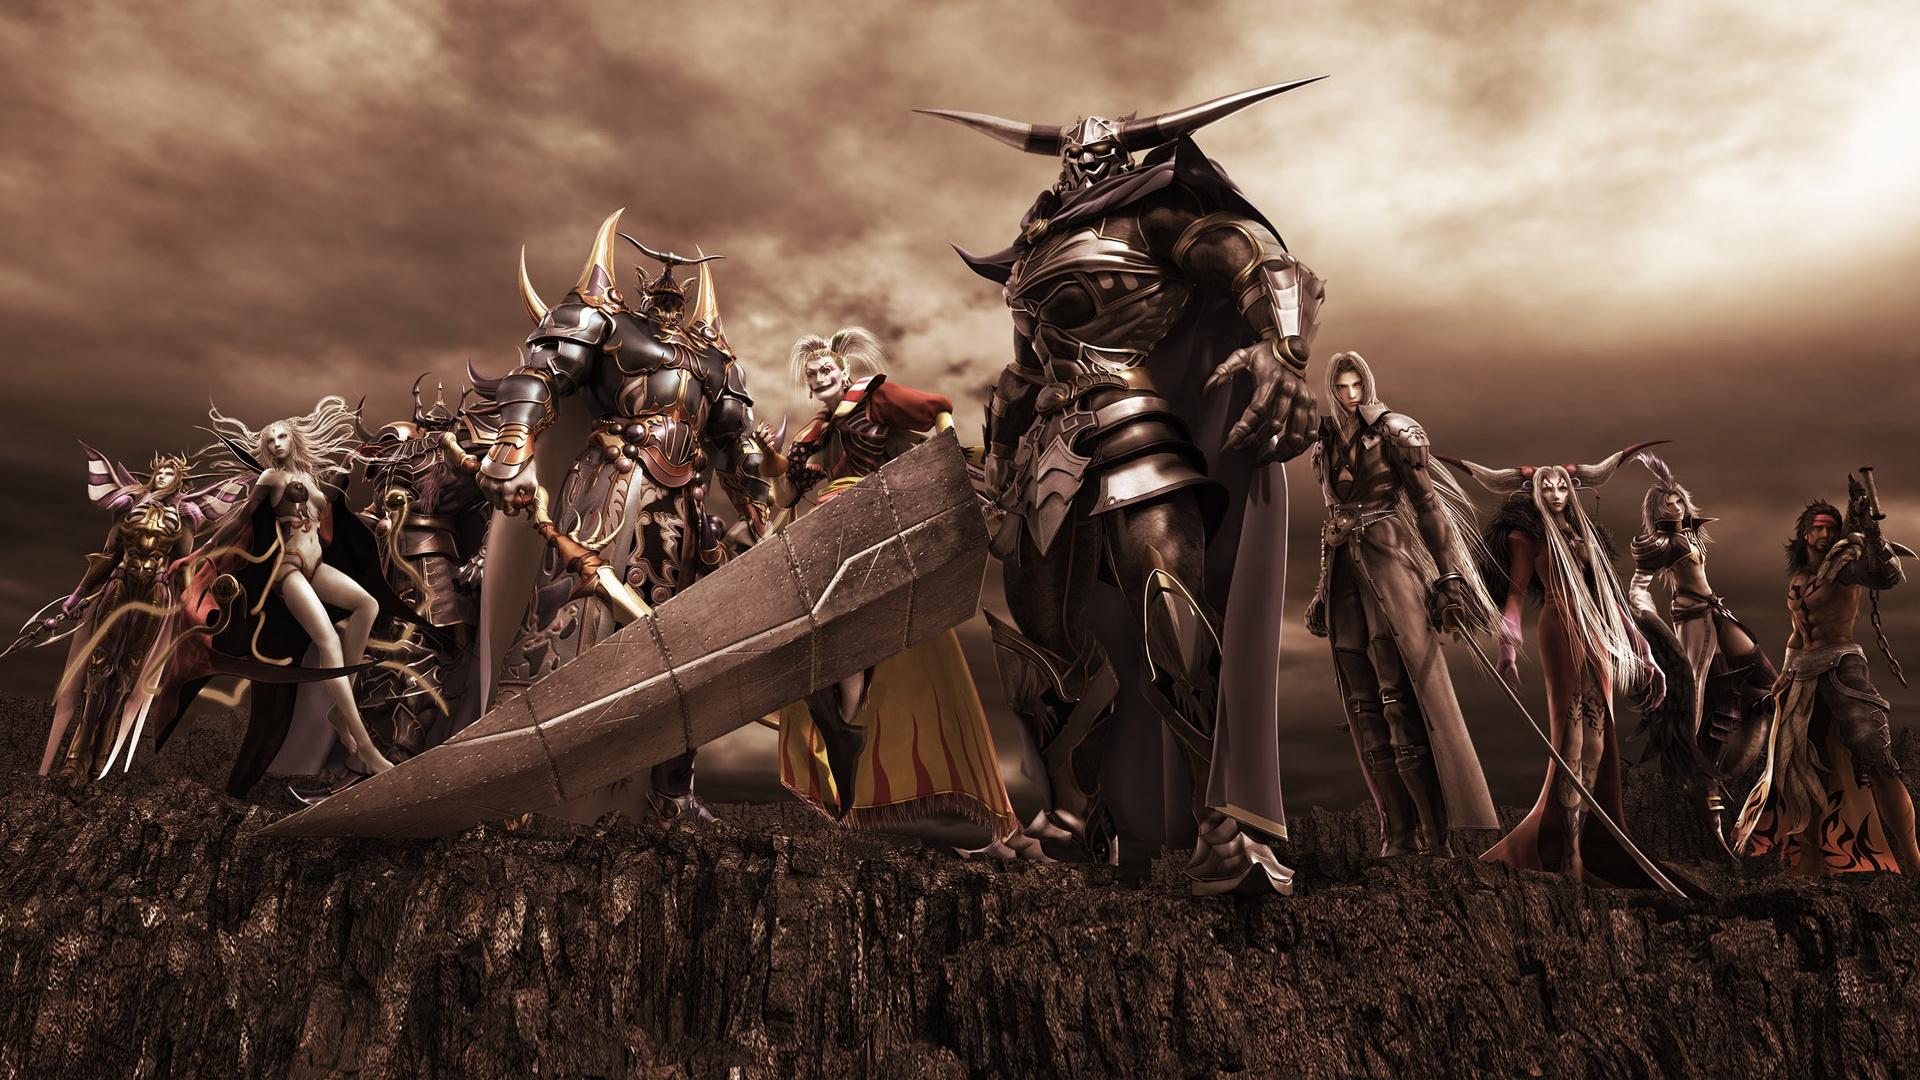 Medieval Fantasy Backgrounds hd wallpaper background desktop 1920x1080